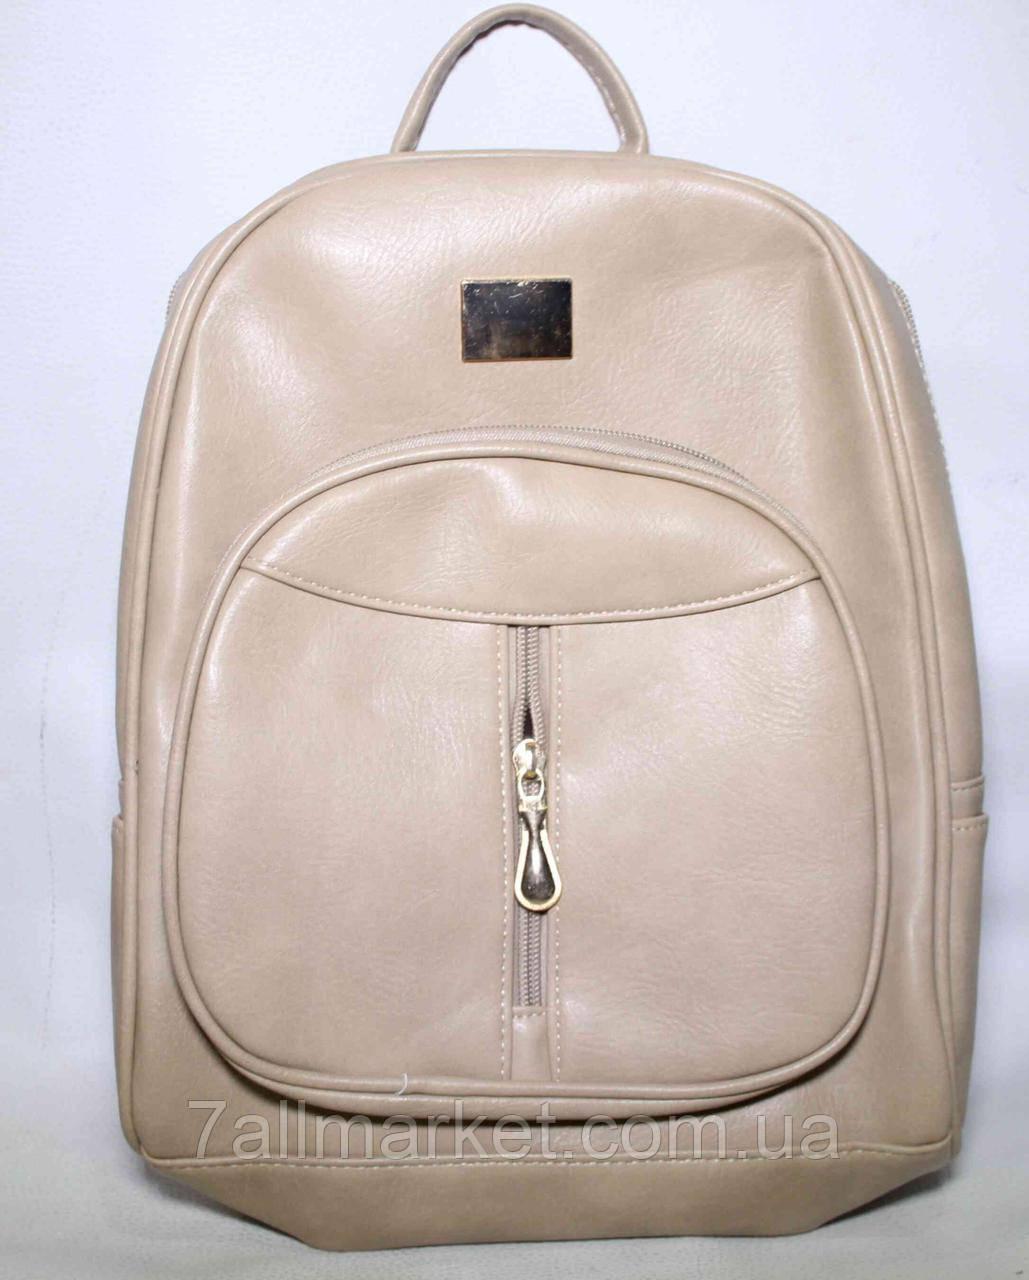 20ad6fcd70c2 Рюкзак женский cтильный кожзам, размер 30*25*10 см (6 цв.)